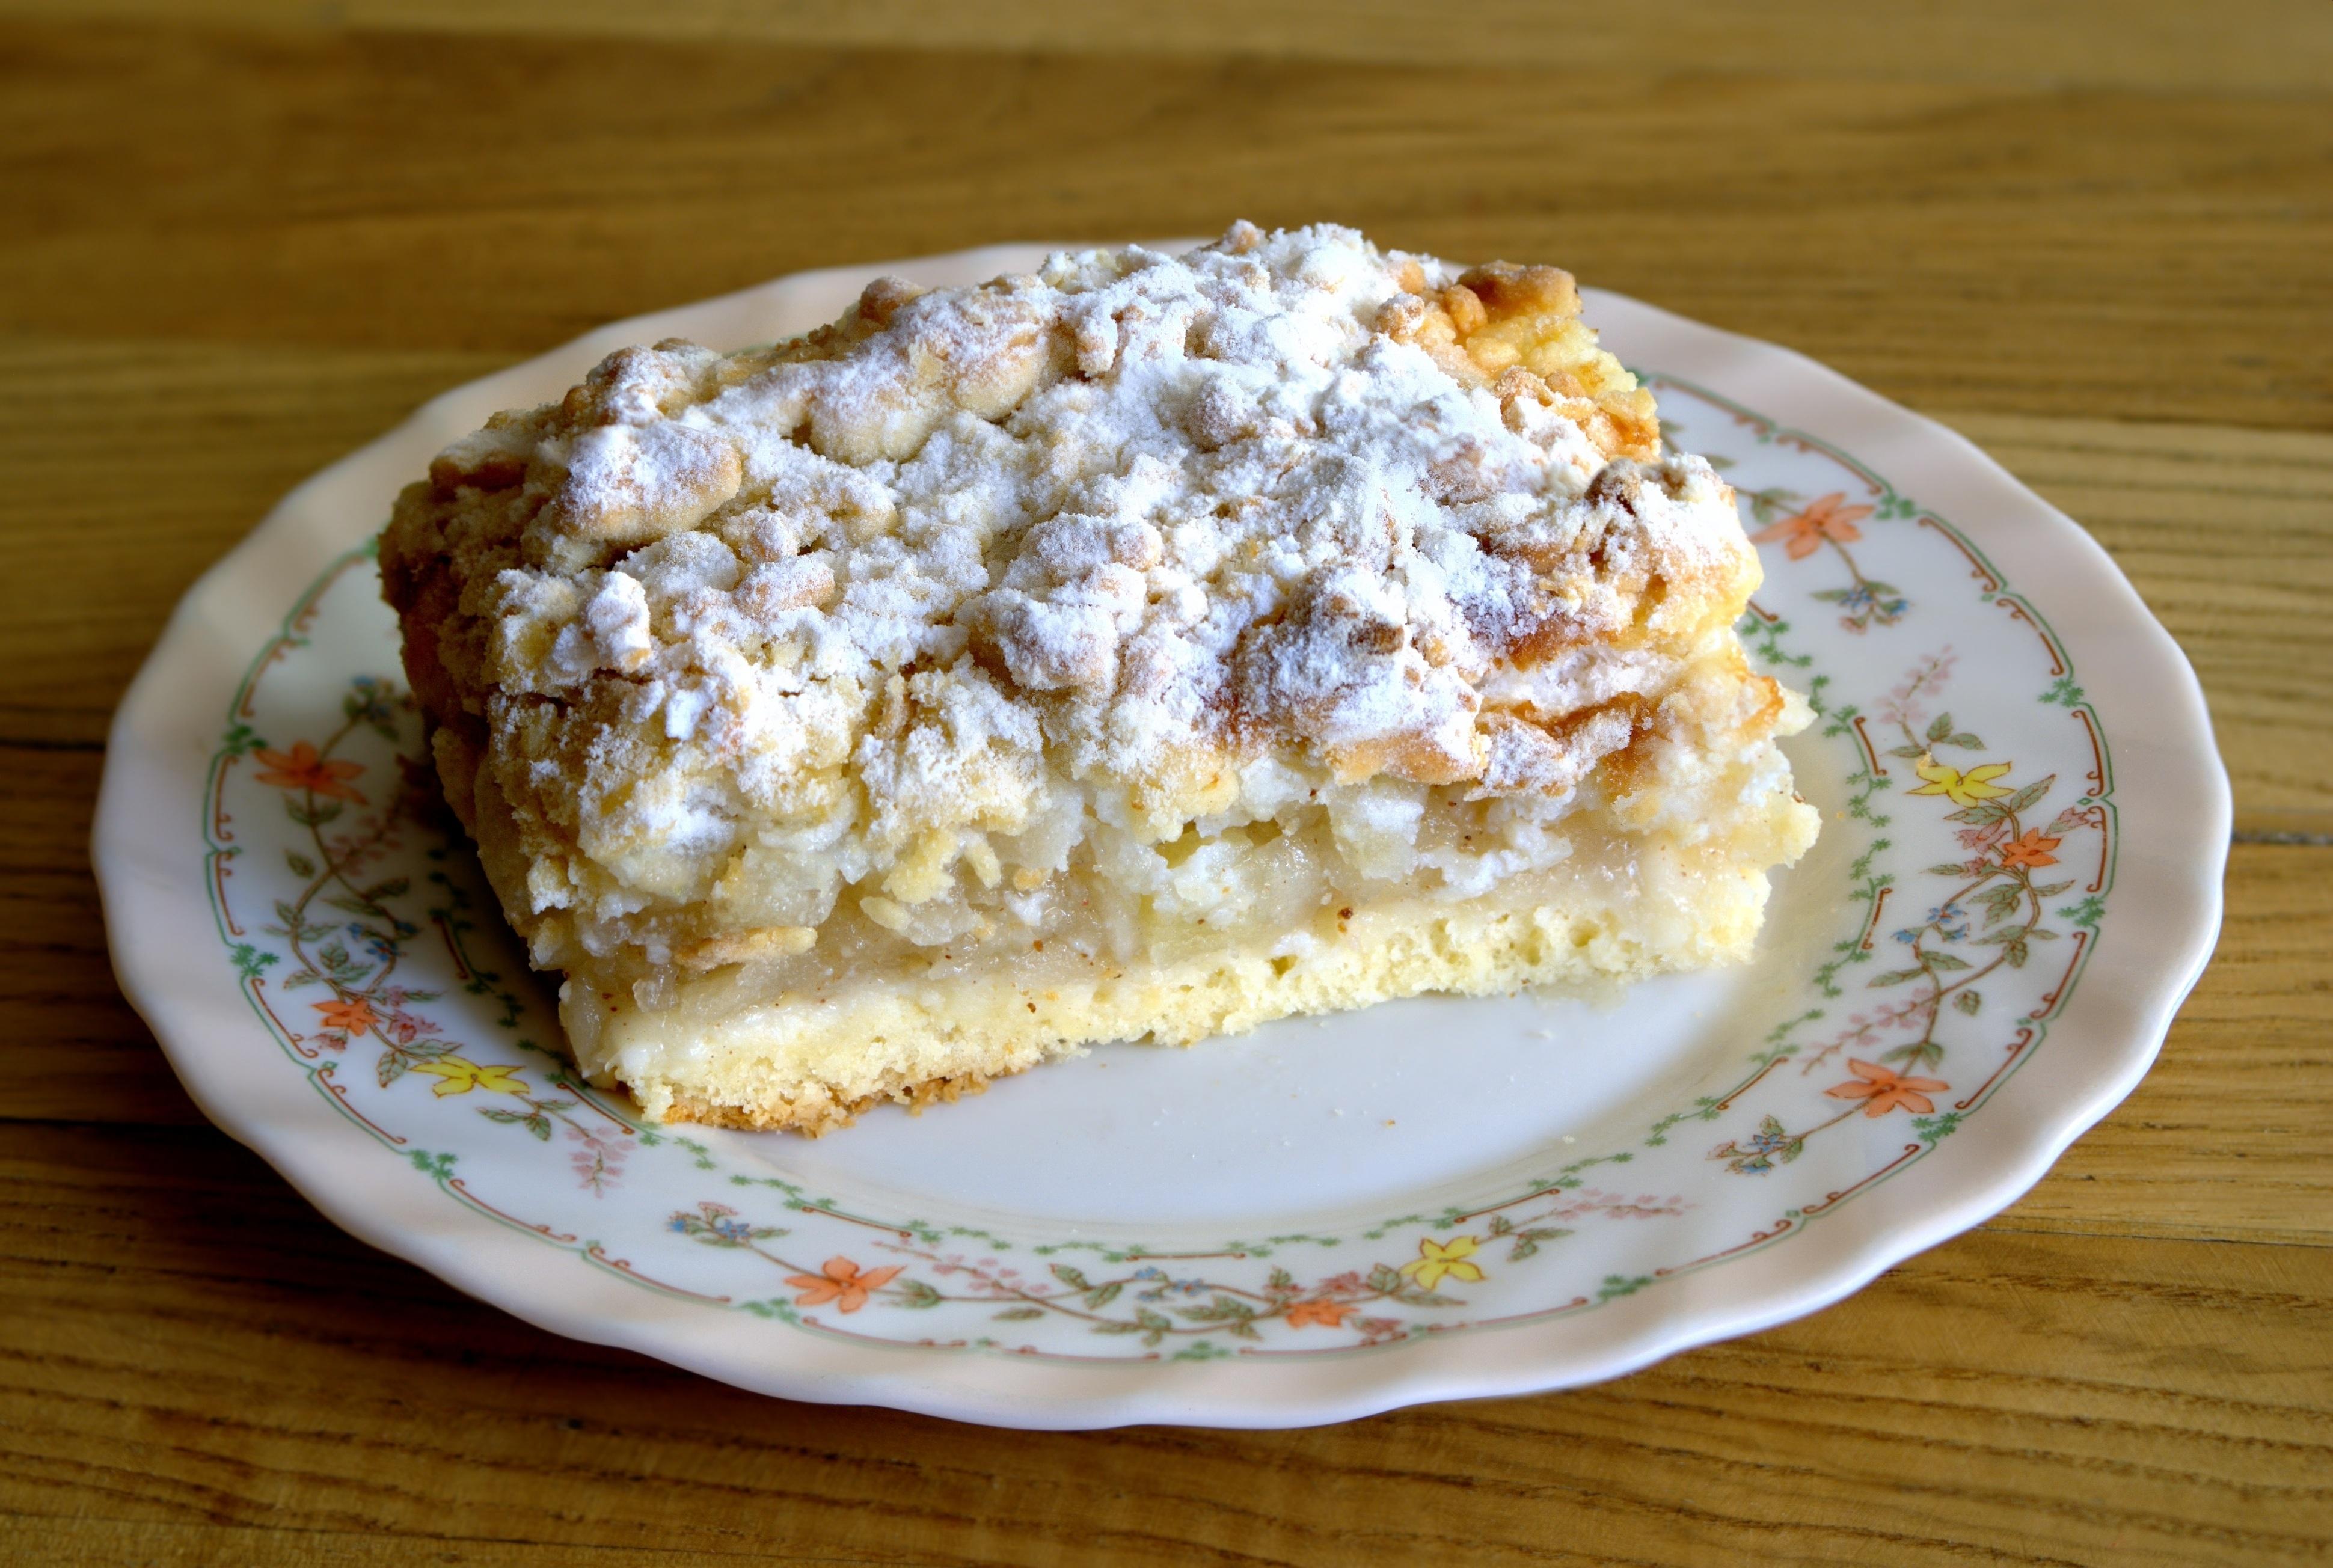 gateau tarte pommes noix les recettes les plus populaires de g teaux en europe. Black Bedroom Furniture Sets. Home Design Ideas